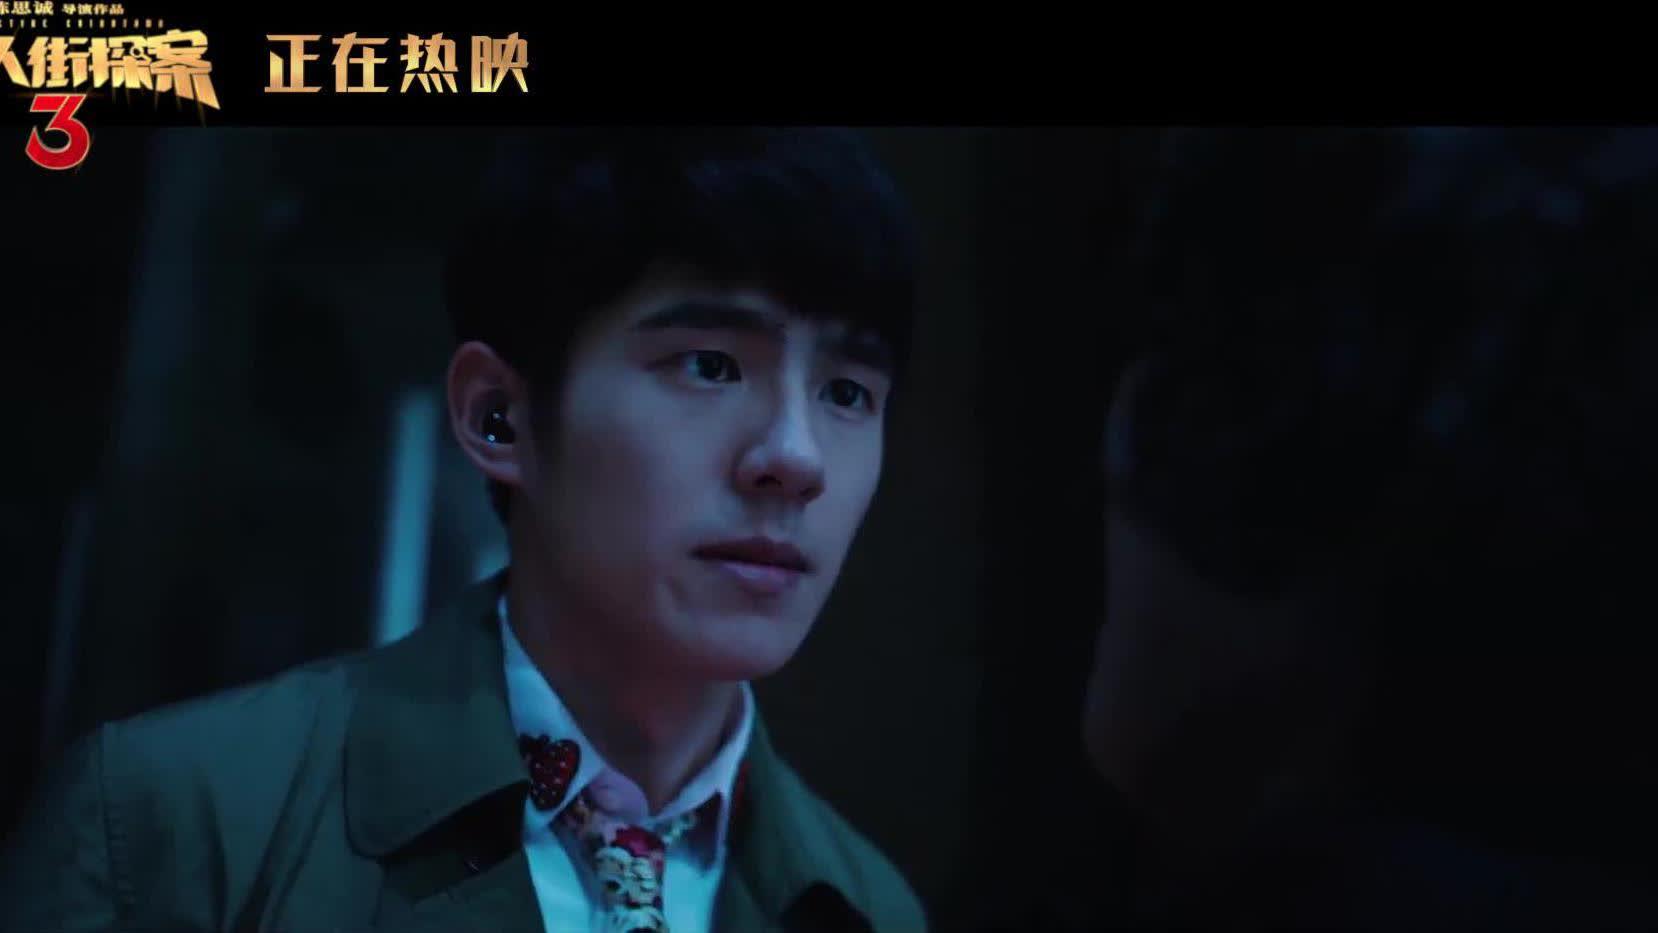 【唐人街探案3】刘昊然染谷将太演绎天才与疯子的对决